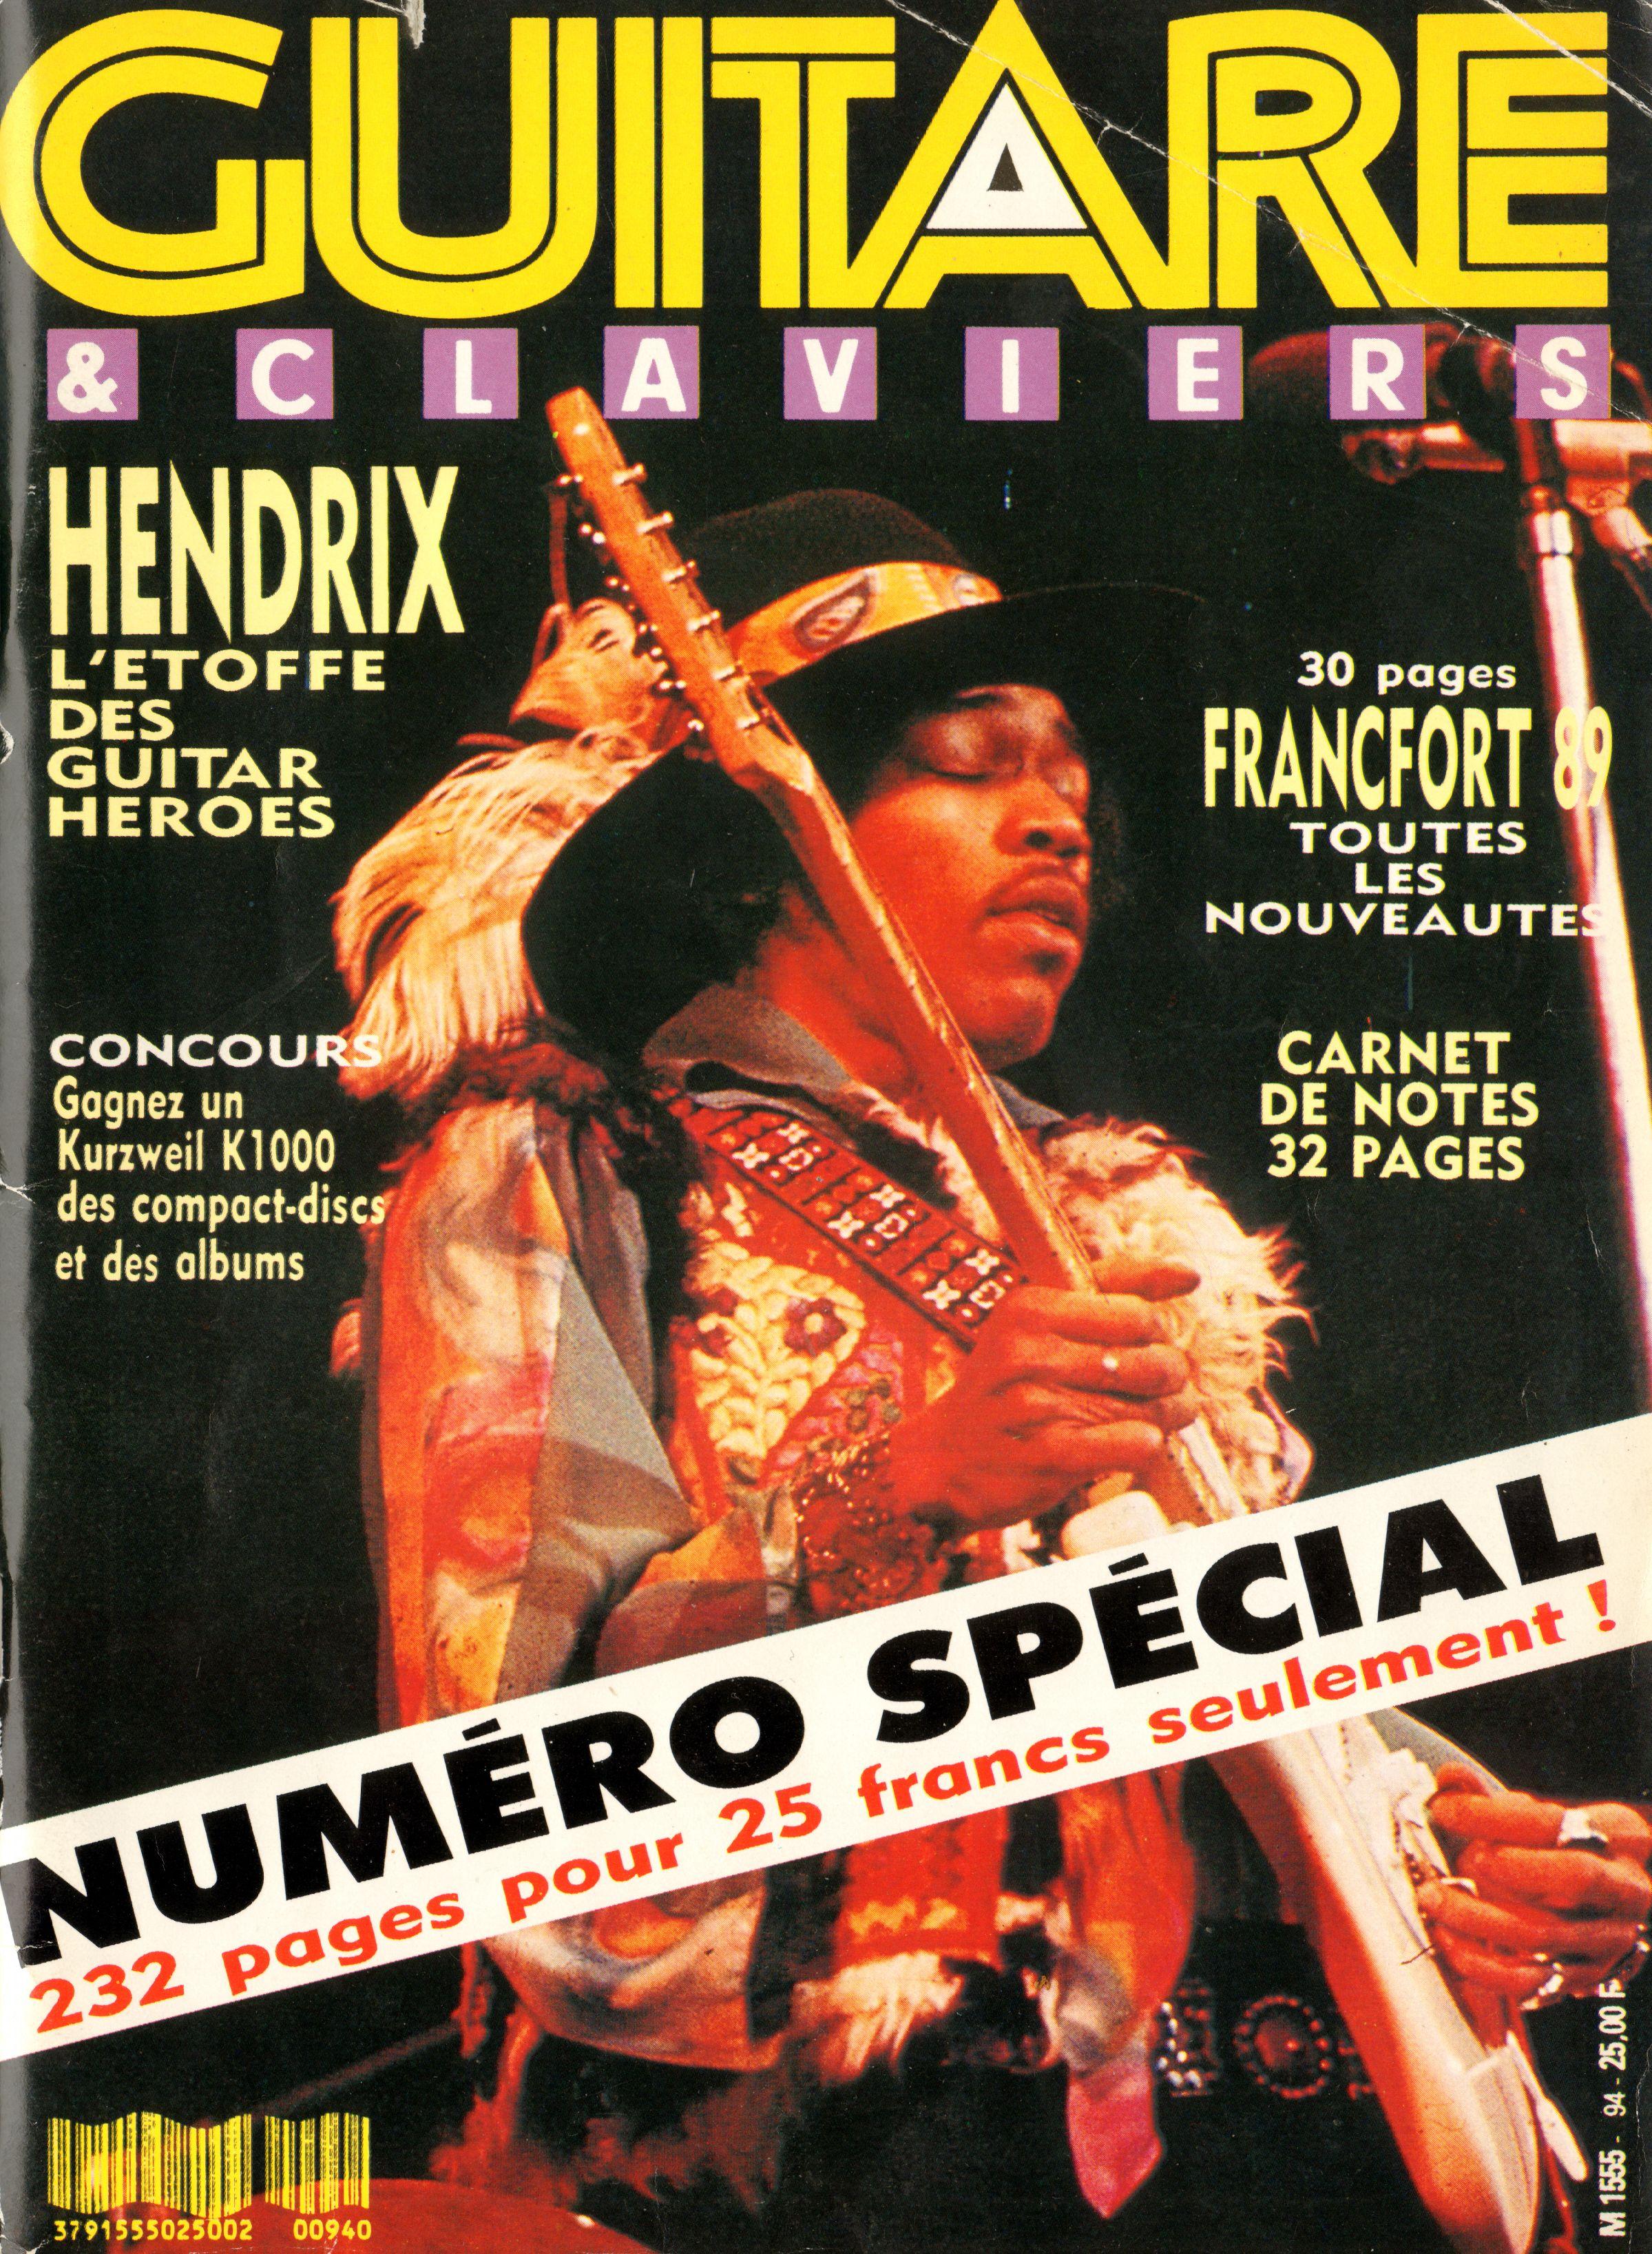 Magazines Français 1989 - 2014 GuitareClaviersMars1989Couverture